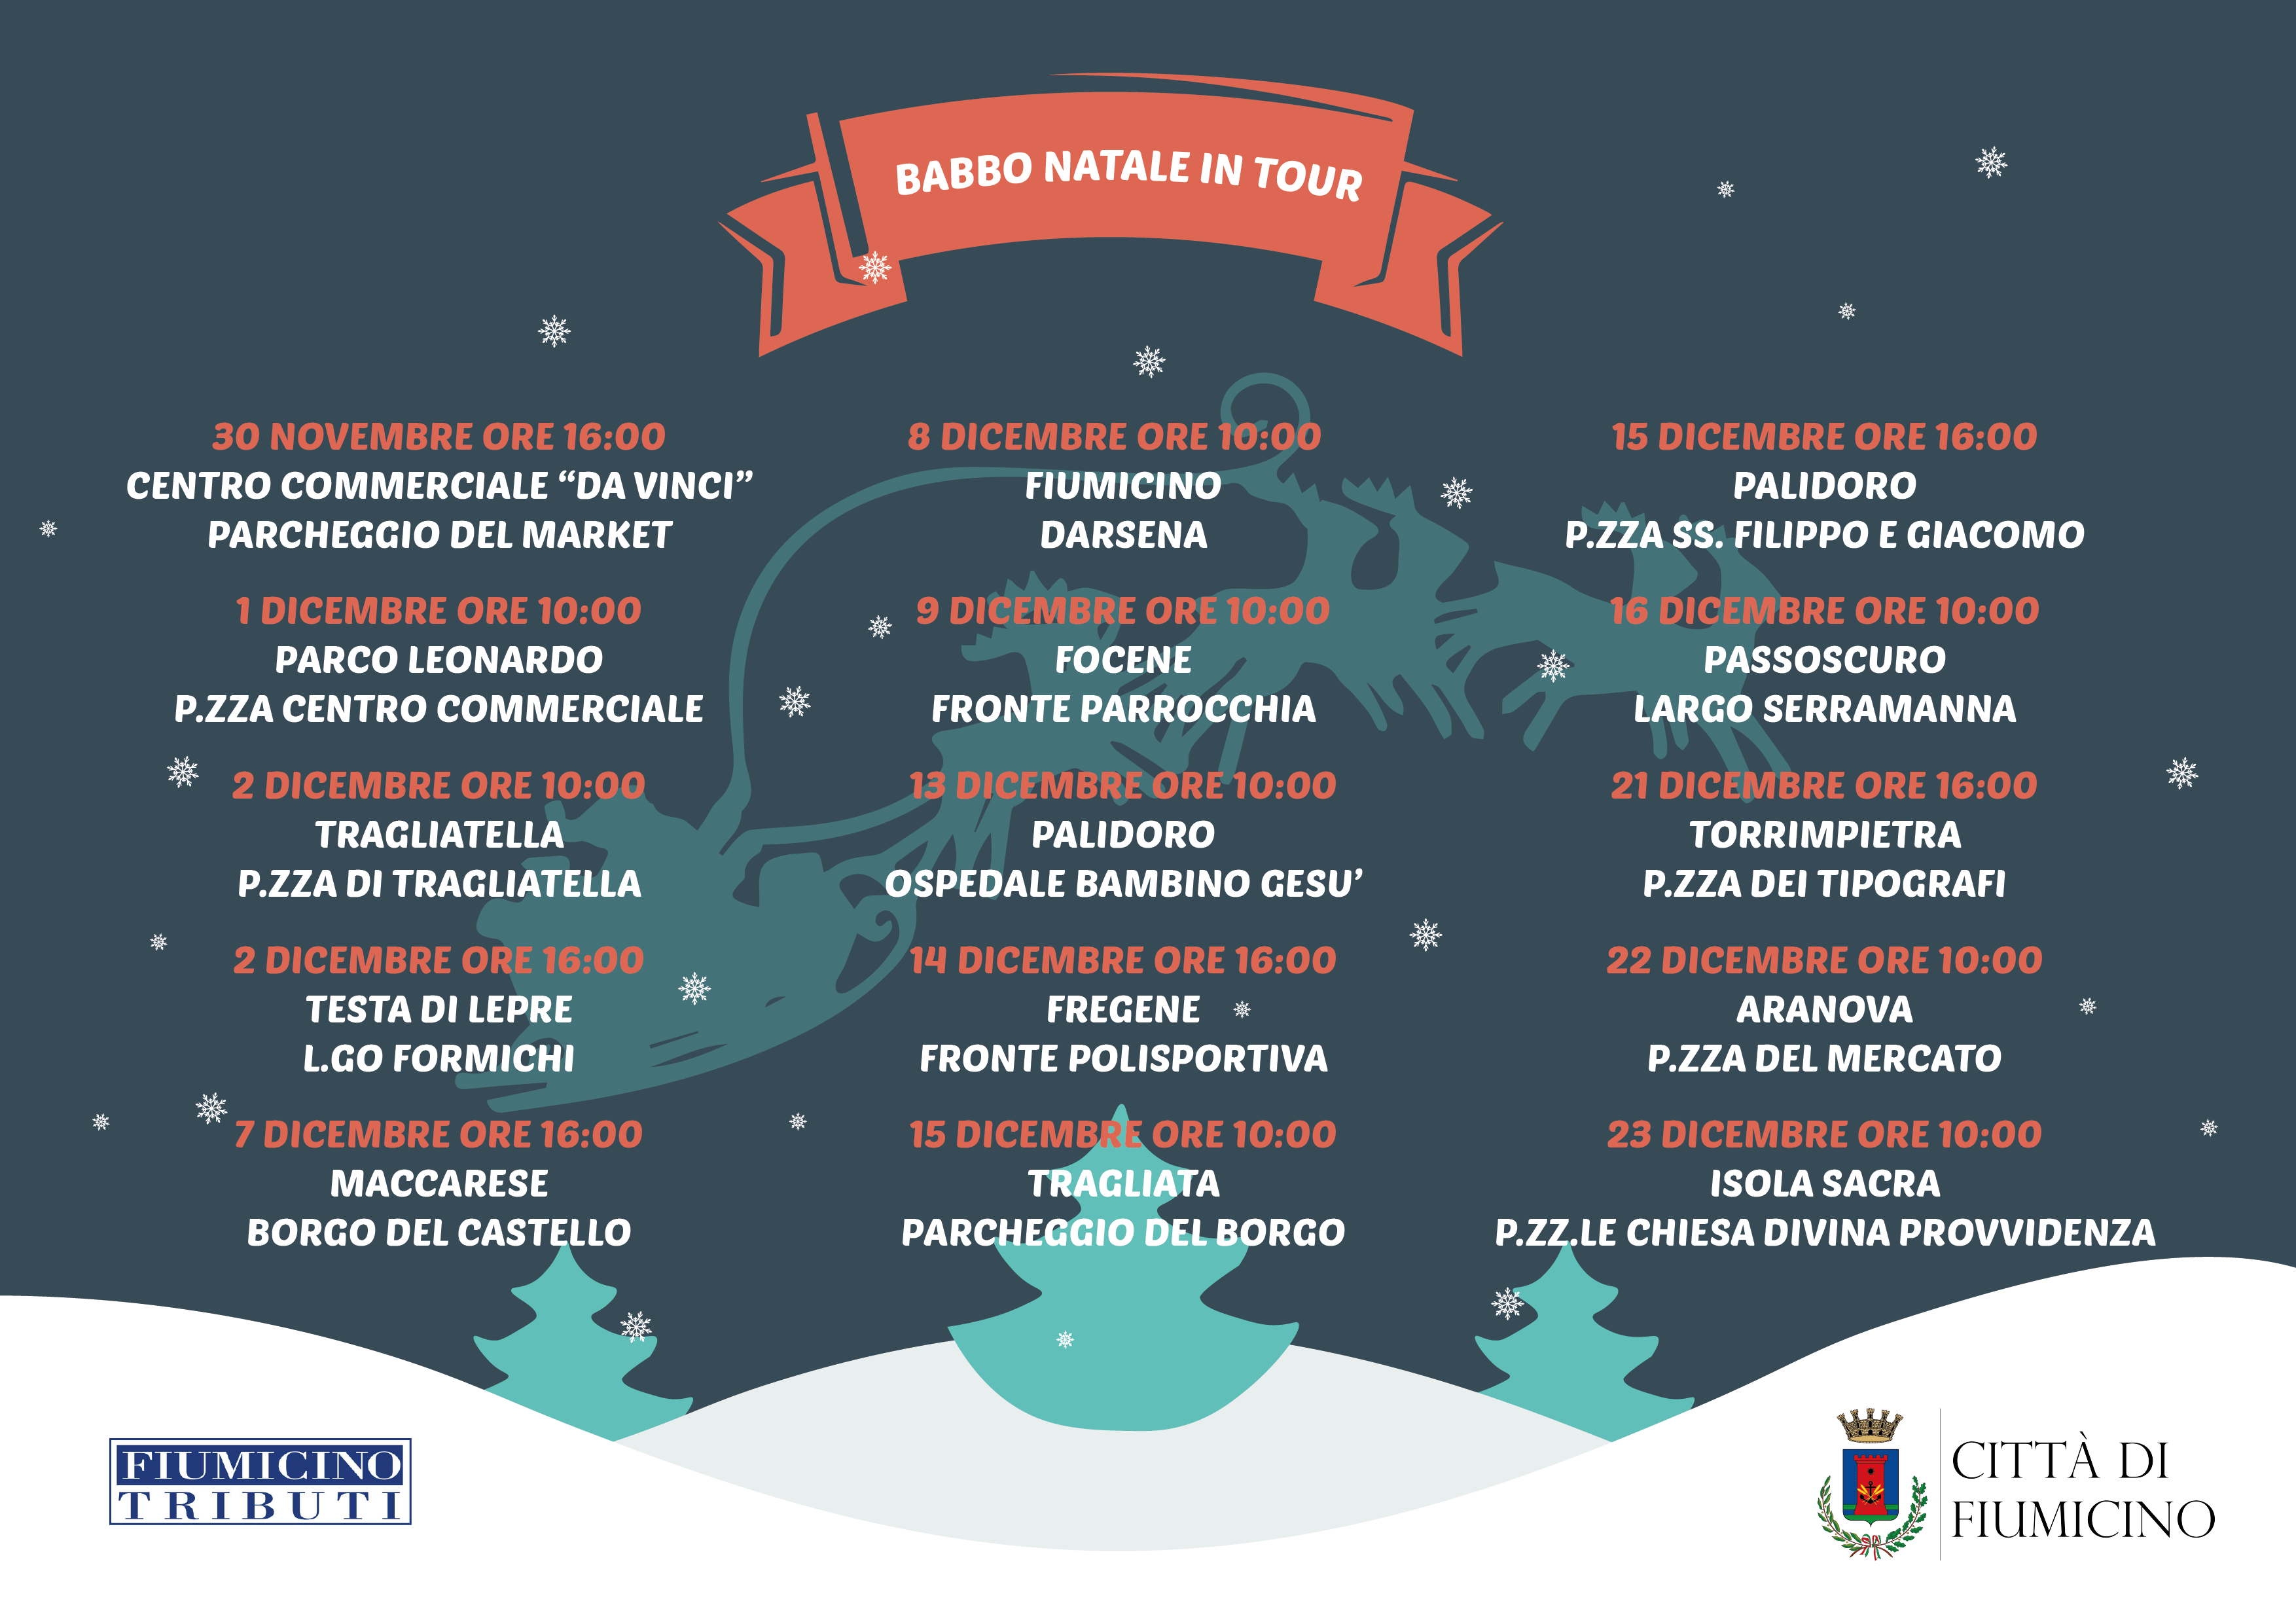 Babbo Natale 7 Cervelli.Natale A Fiumicino Un Carnet Ricco Di Eventi Italia Sera